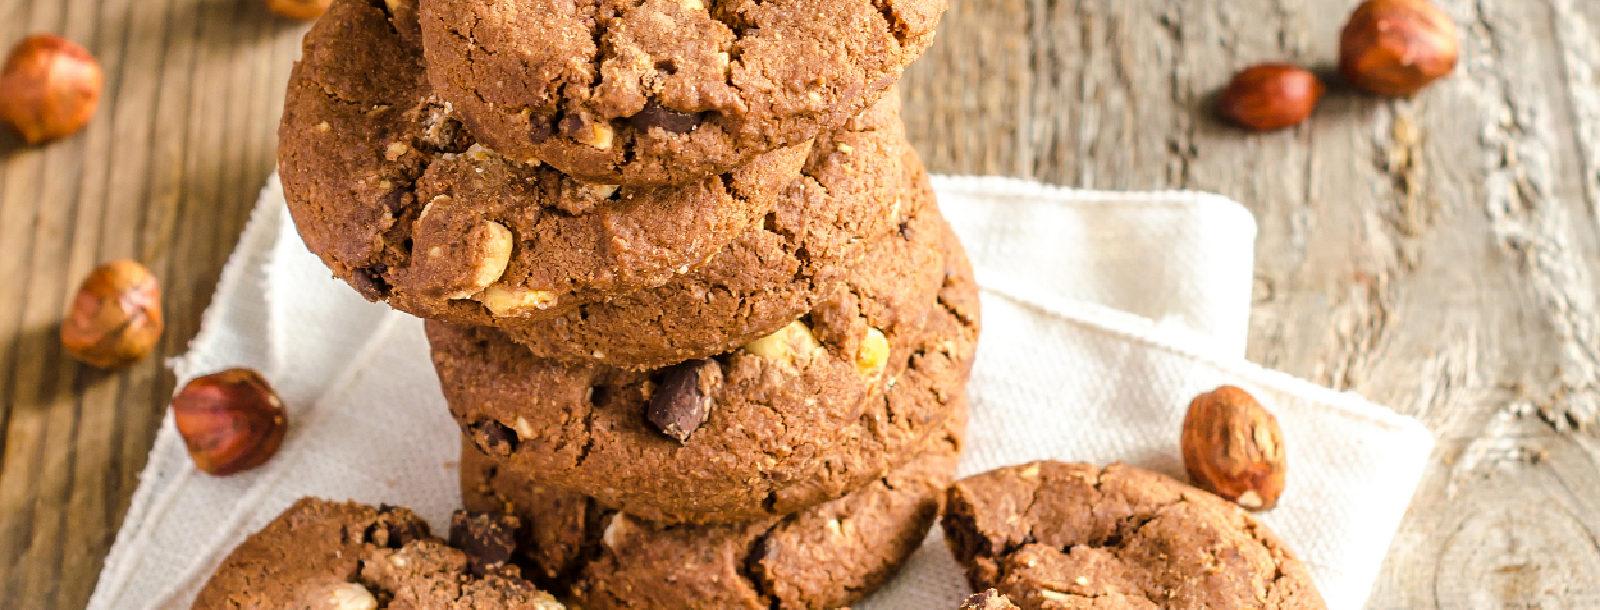 Cookies-cassonade_la Perruche